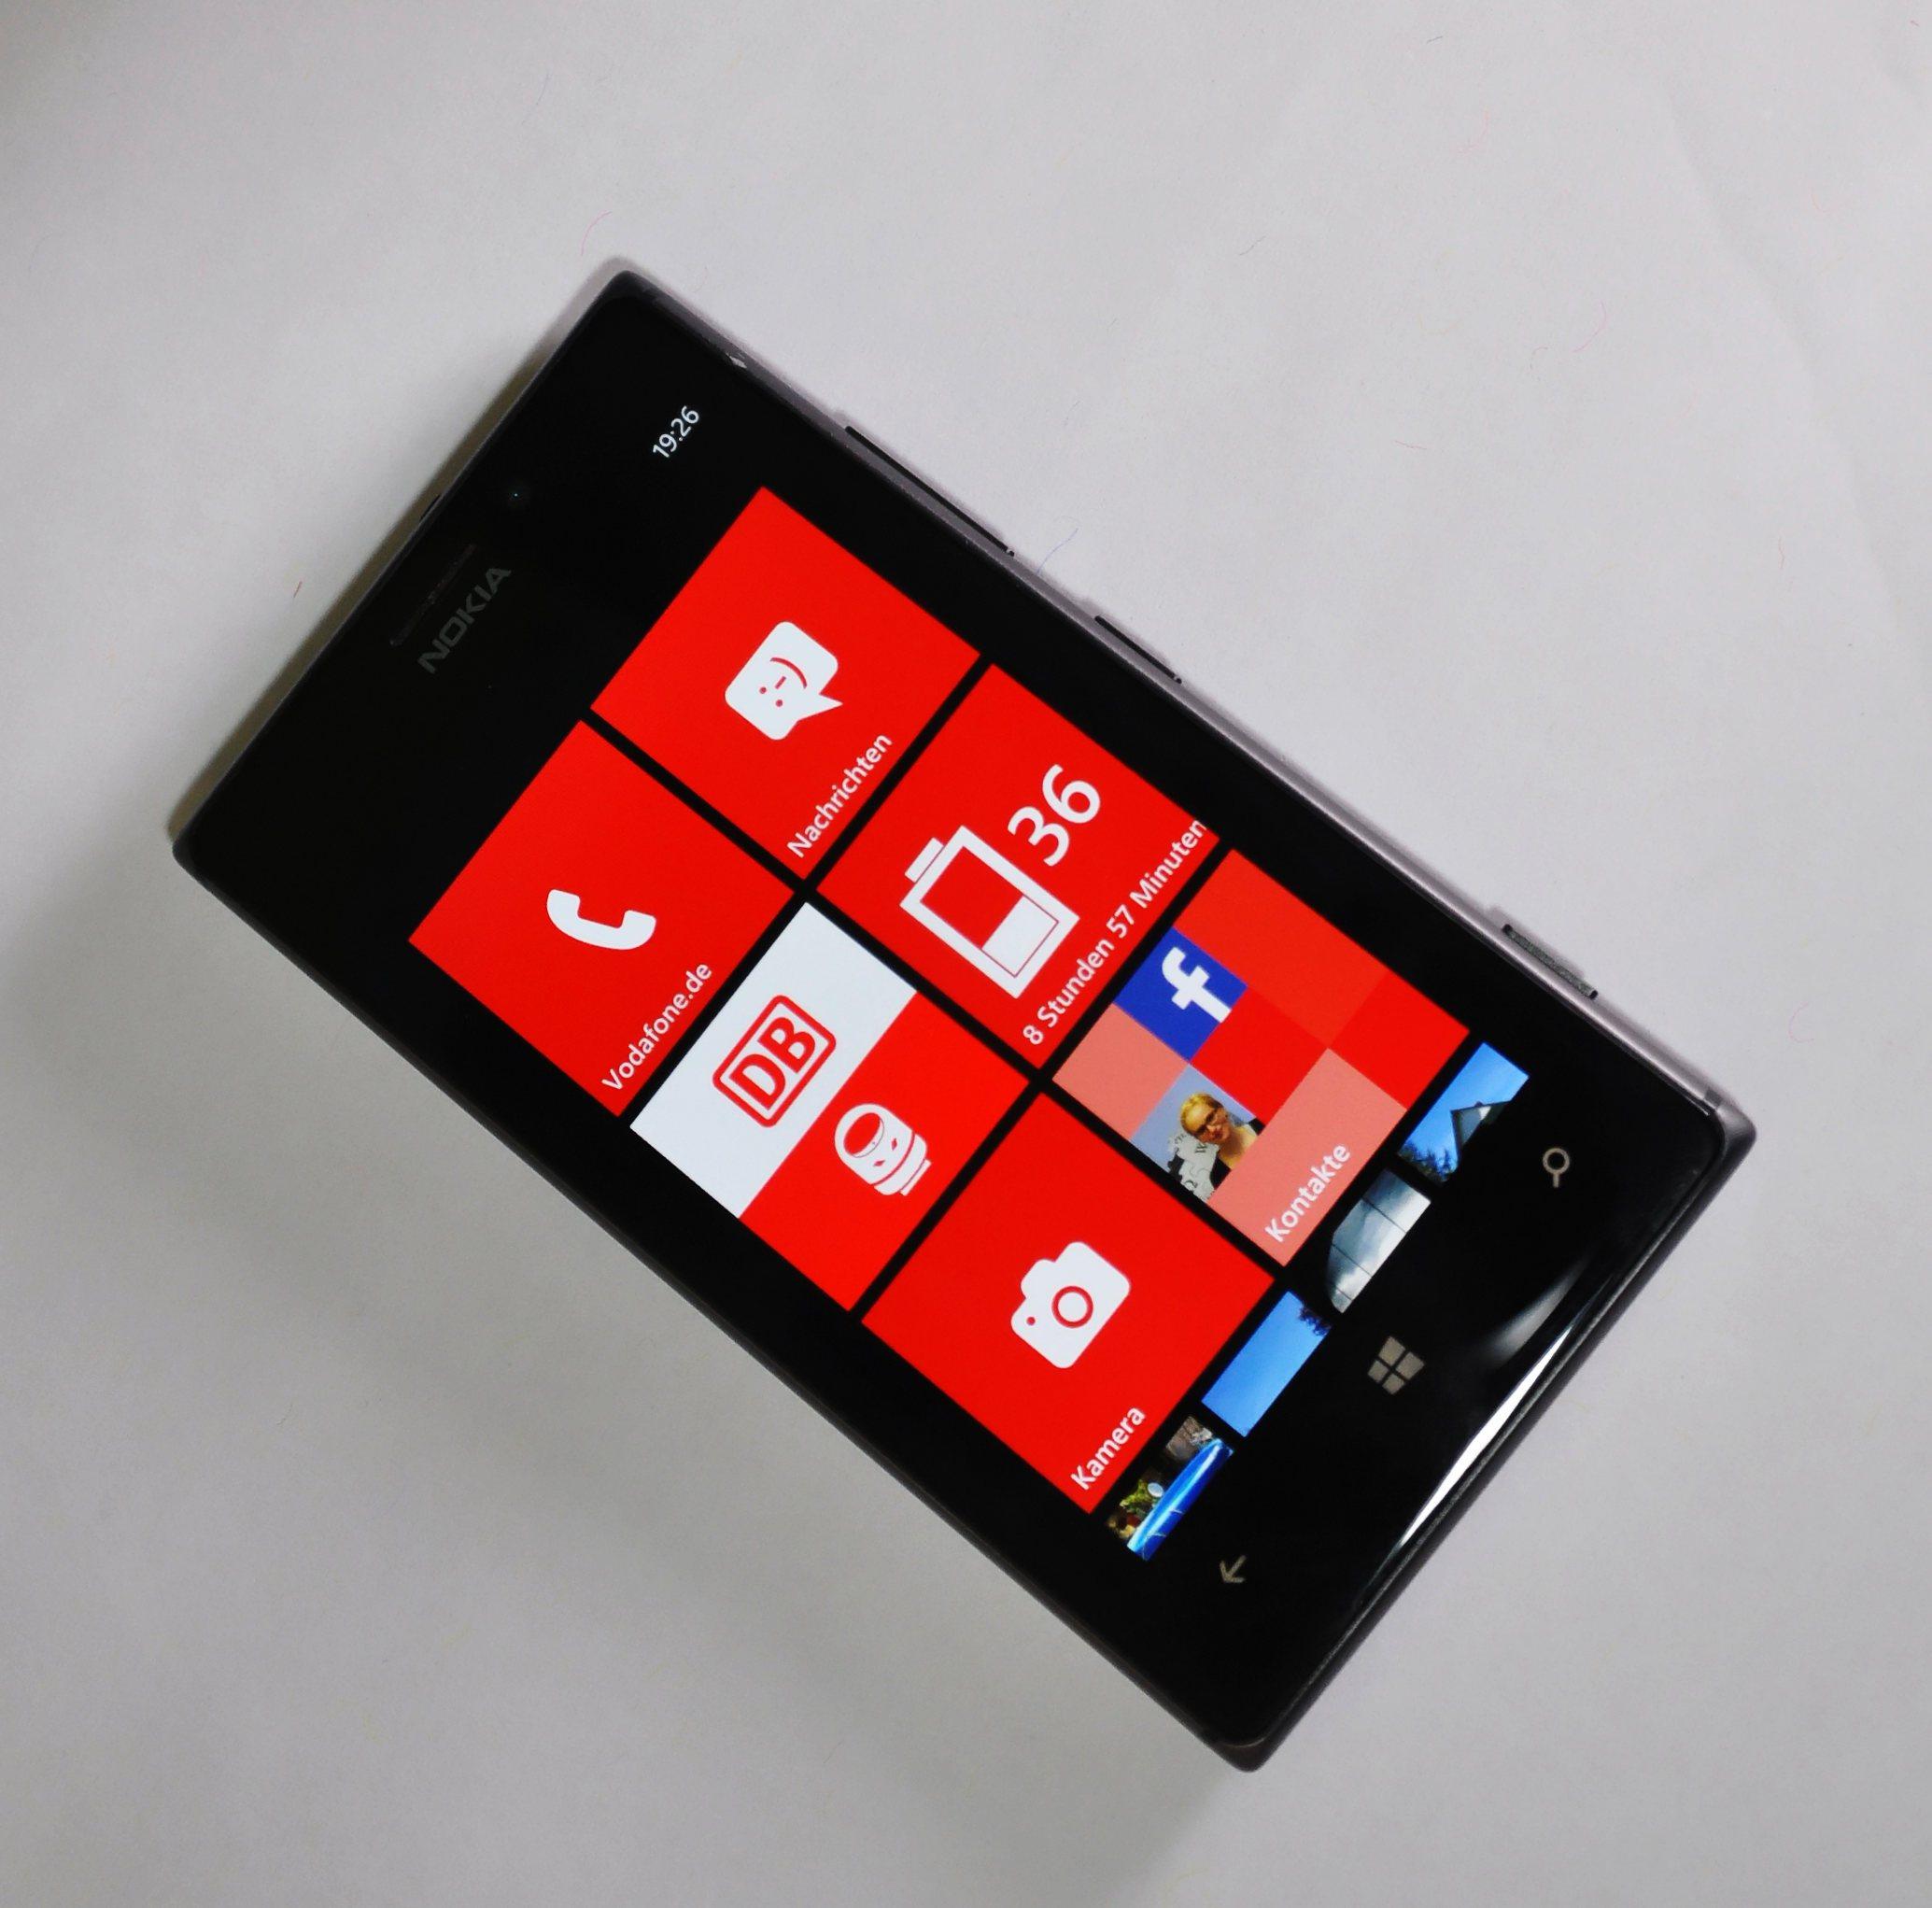 Nokia lumia 925 jpg - File Nokia Lumia 925 2014 By Raboe 01 Jpg